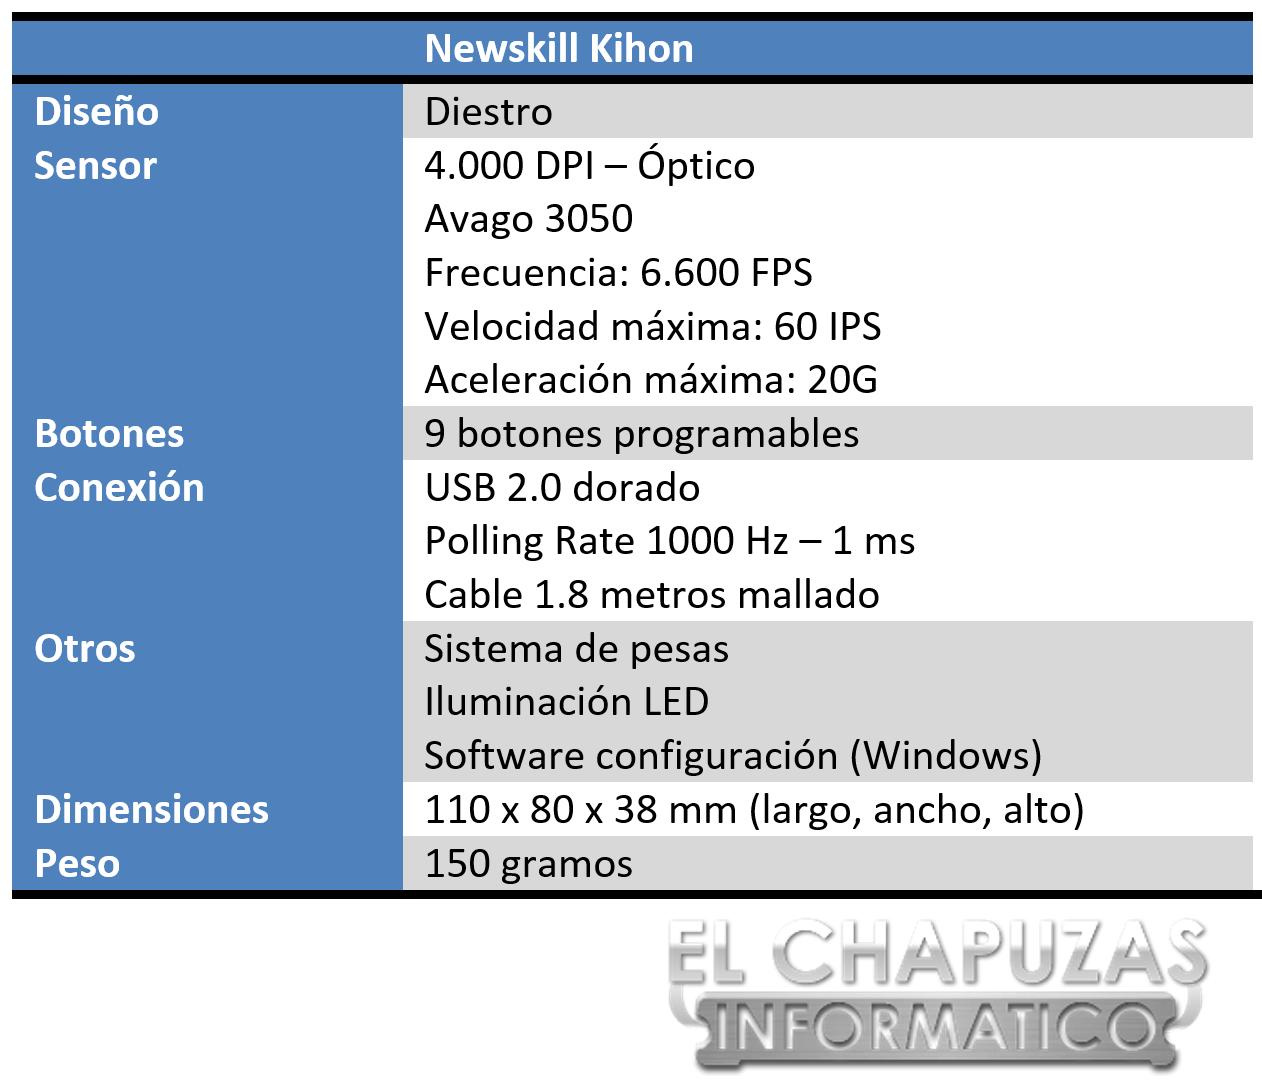 Newskill Kihon Especificaciones